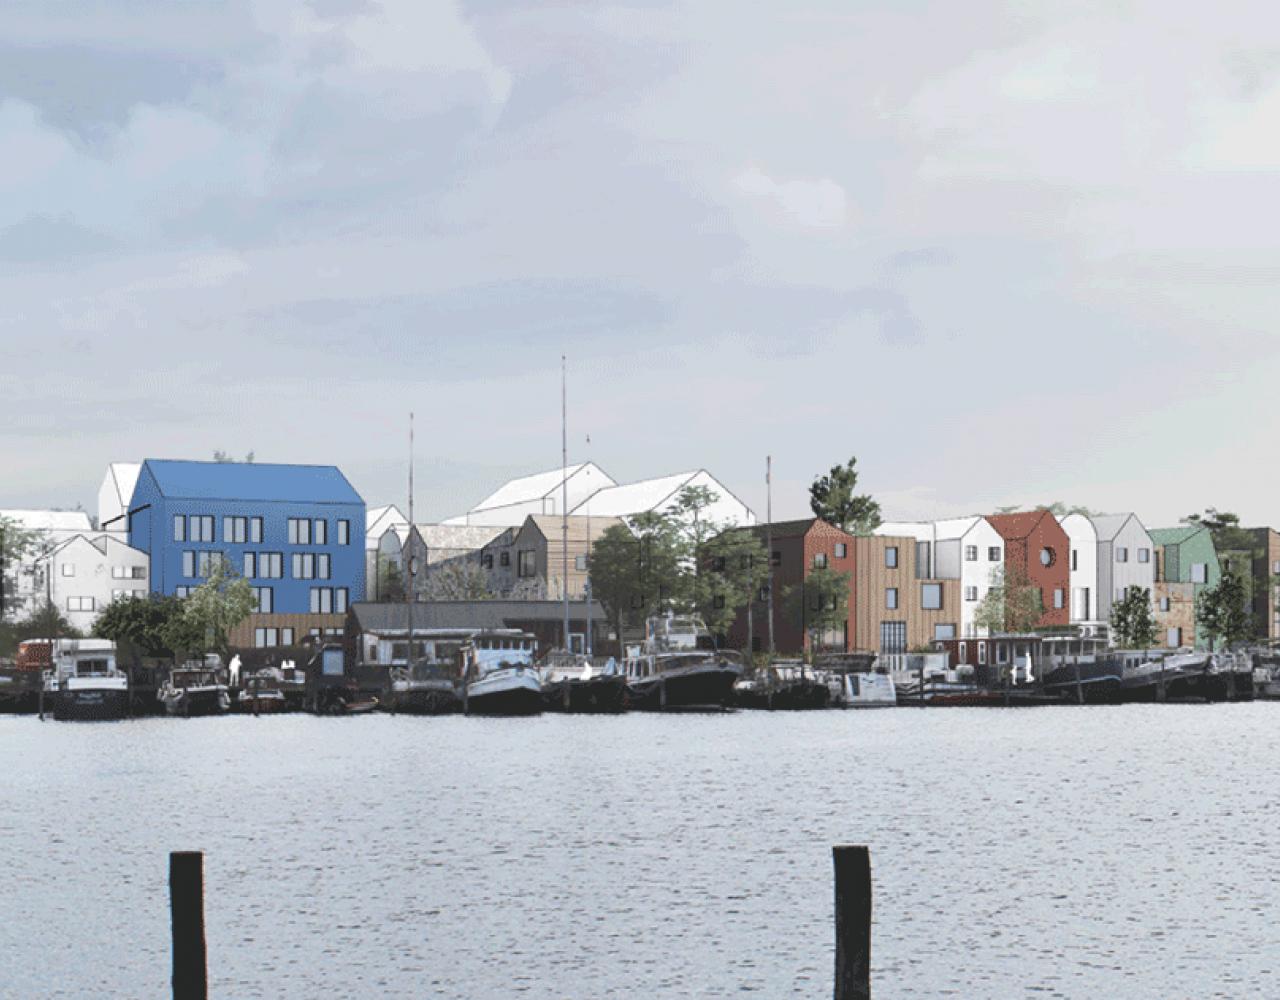 Stejlepladsens nye boligområde